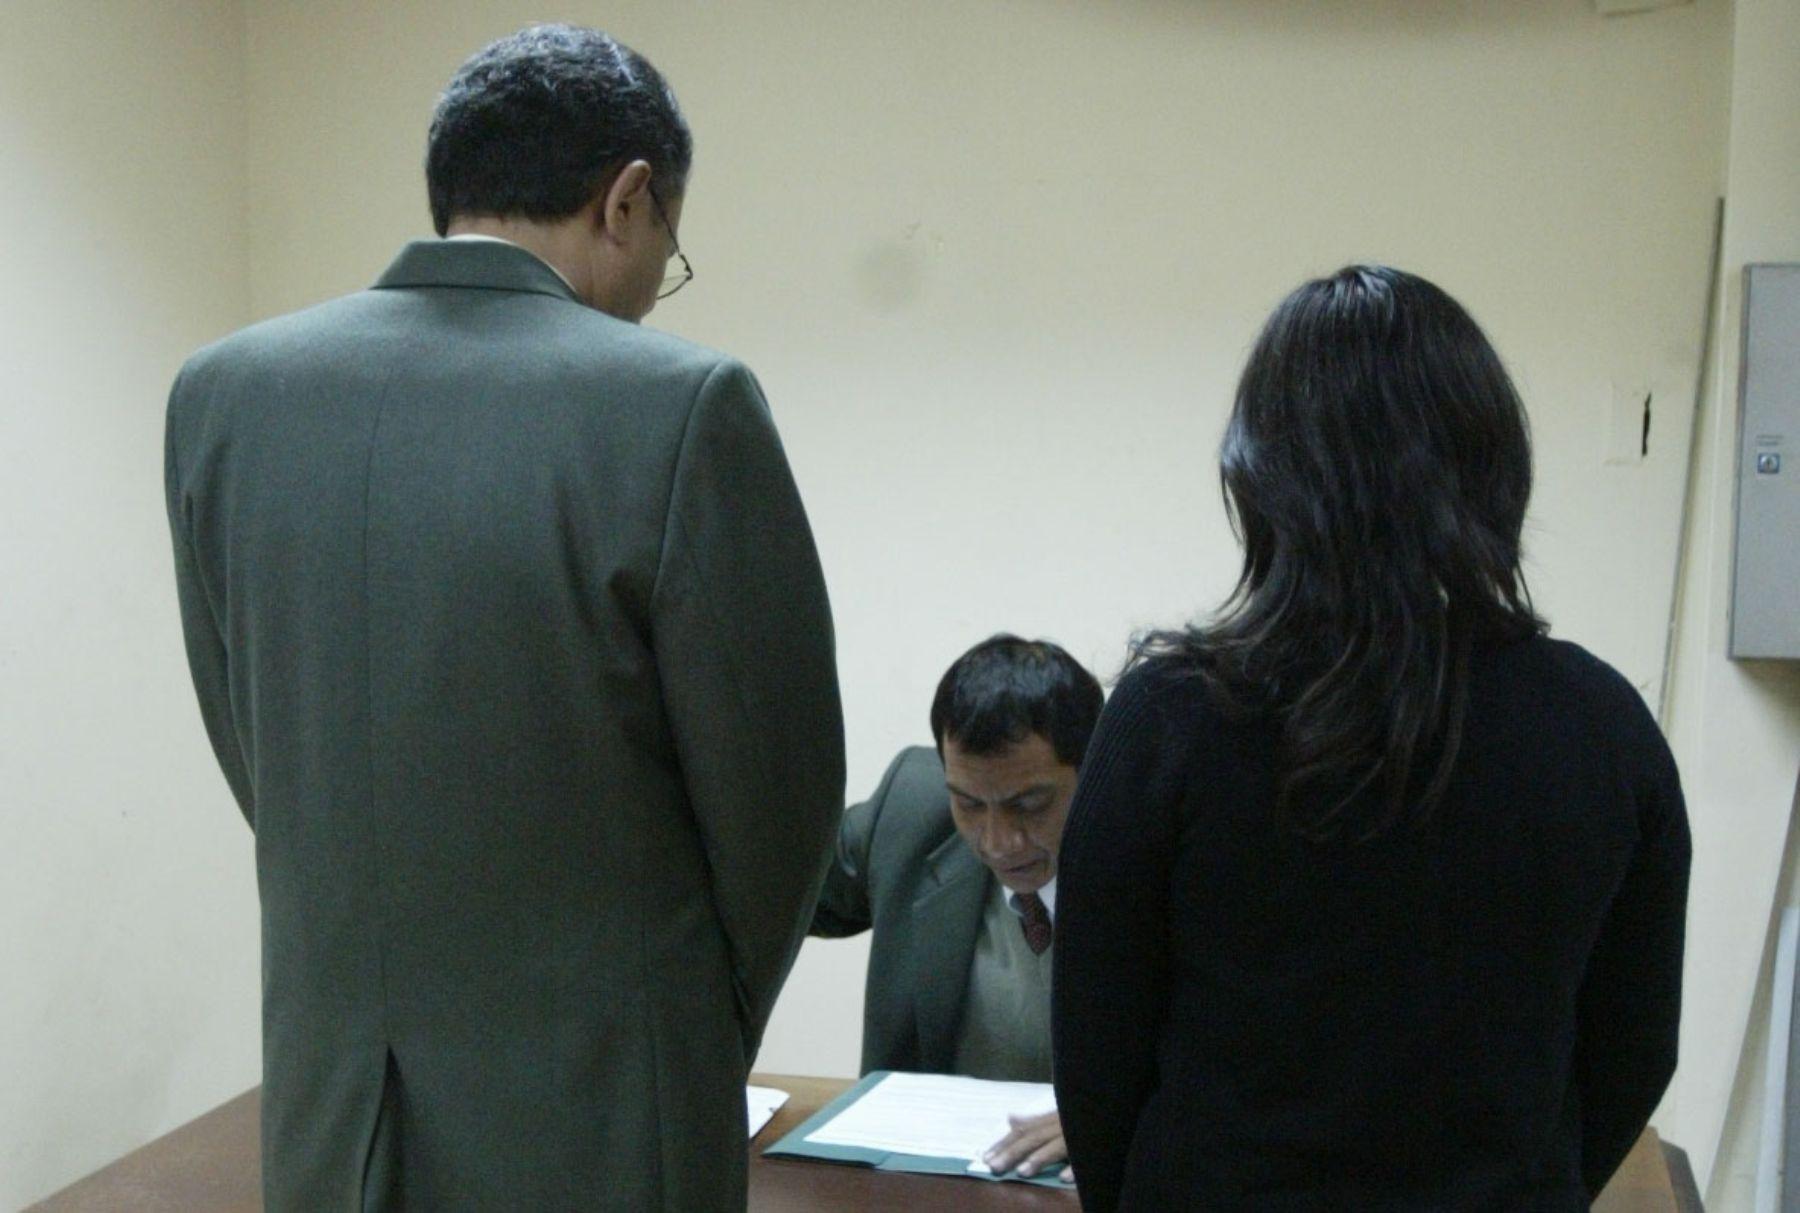 En Surco habrá orientación sobre requisitos para tramitar divorcio rápido. Foto: Andina/Archivo.